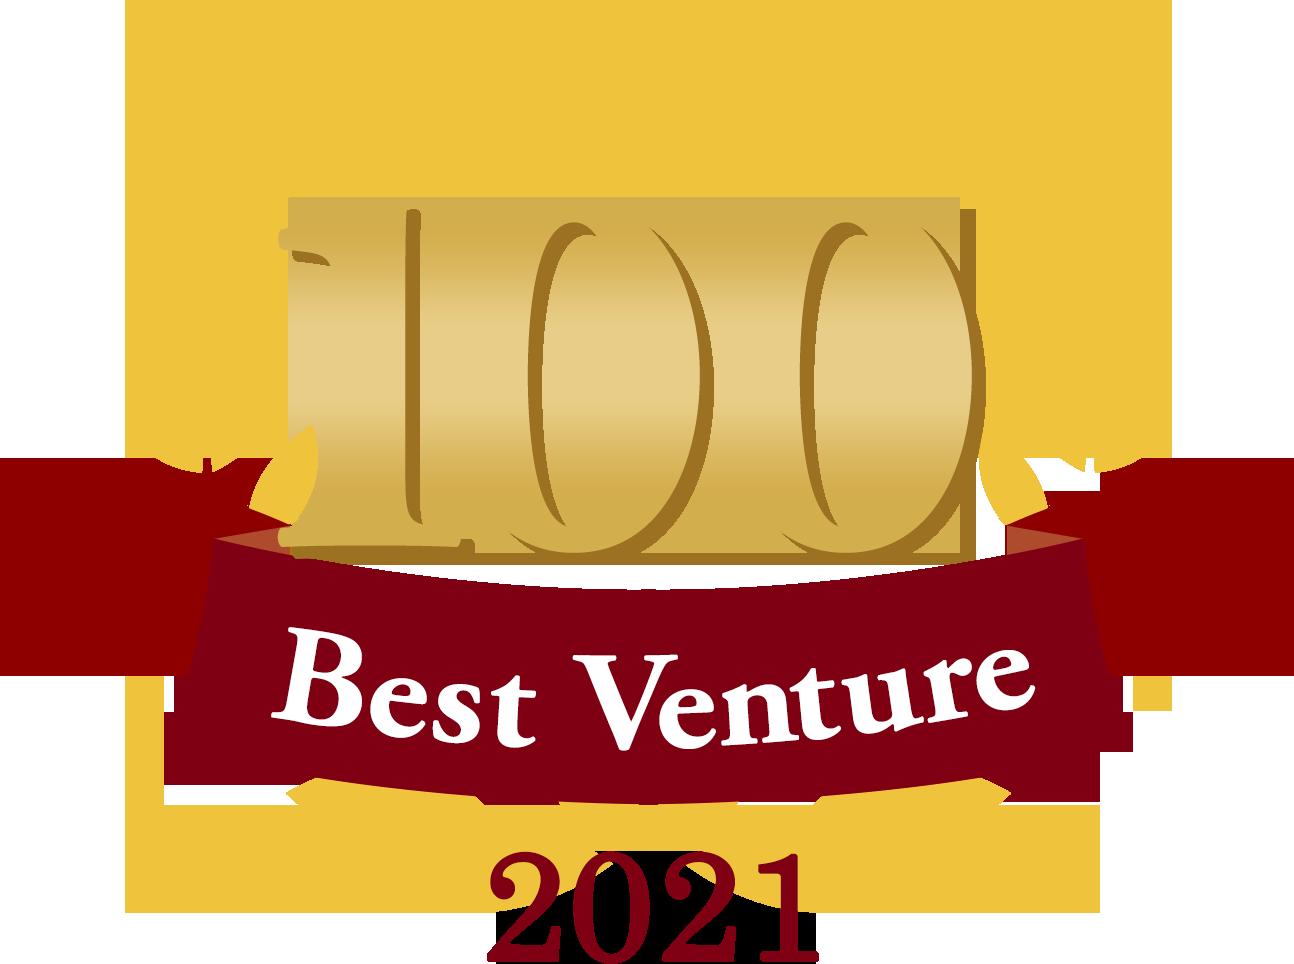 100 best venture in 2021